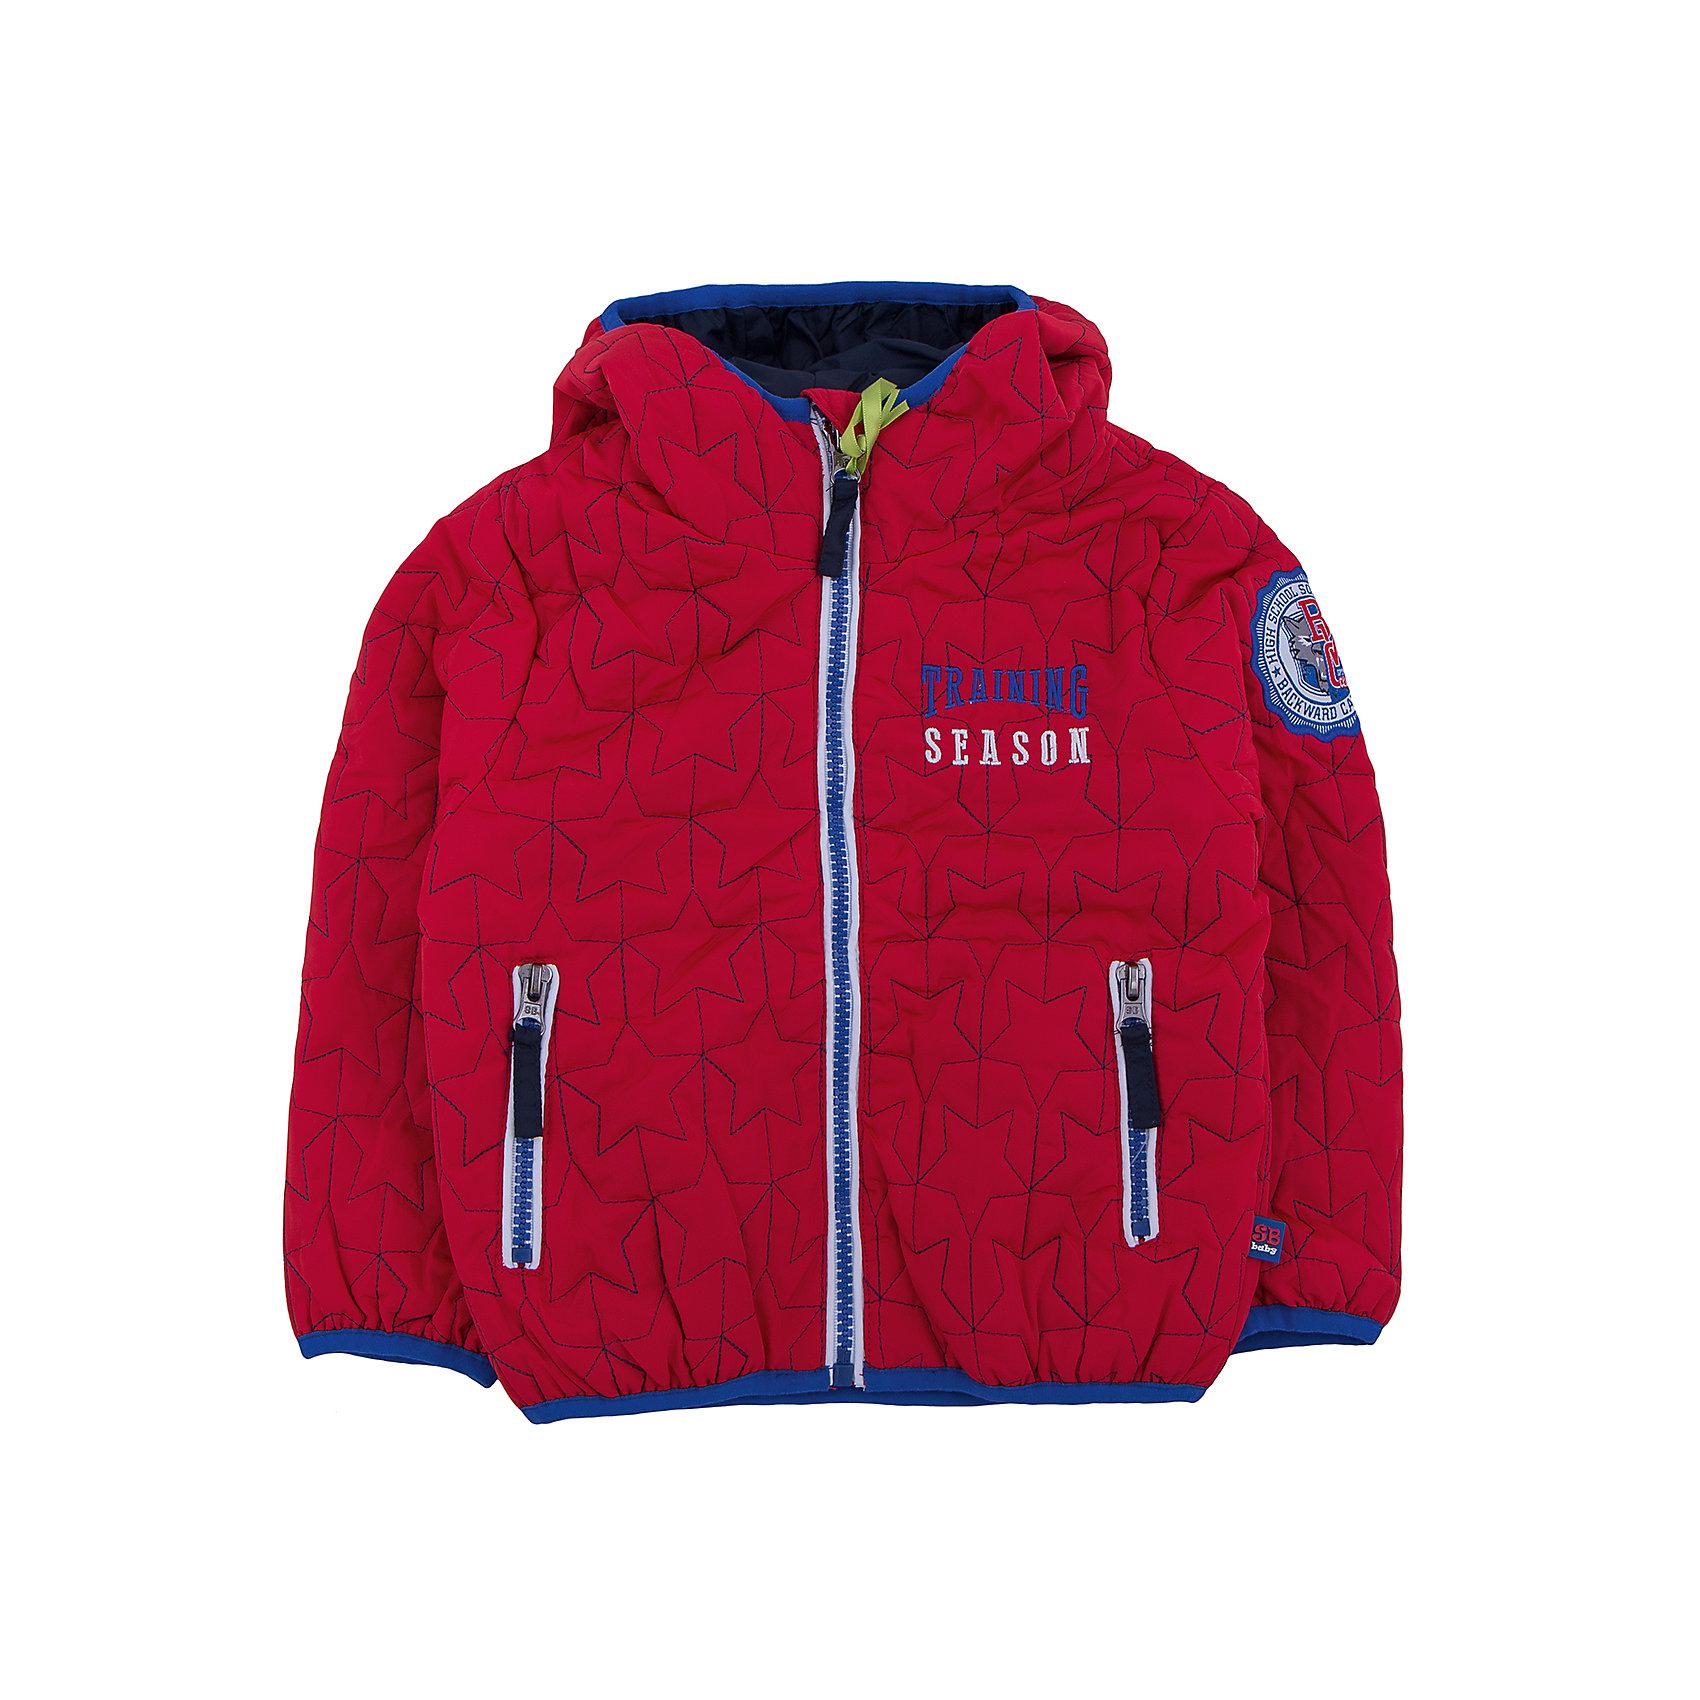 Куртка для мальчика Sweet BerryВерхняя одежда<br>Куртка красная для мальчика.<br><br>Температурный режим: до -5 градусов. Степень утепления – низкая. <br><br>* Температурный режим указан приблизительно — необходимо, прежде всего, ориентироваться на ощущения ребенка. Температурный режим работает в случае соблюдения правила многослойности – использования флисовой поддевы и термобелья.<br><br>Такая модель куртки для мальчика отличается модным дизайном. Удачный крой обеспечит ребенку комфорт и тепло. Флисовая подкладка делает вещь идеальной для прохладной погоды. Она плотно прилегает к телу там, где нужно, и отлично сидит по фигуре. Декорирована модель вышивкой на груди и модной нашивкой.<br>Одежда от бренда Sweet Berry - это простой и выгодный способ одеть ребенка удобно и стильно. Всё изделия тщательно проработаны: швы - прочные, материал - качественный, фурнитура - подобранная специально для детей. <br><br>Дополнительная информация:<br><br>цвет: красный;<br>капюшон;<br>материал: верх, подкладка, наполнитель - 100% полиэстер;<br>застежка: молния;<br>карманы на молнии.<br><br>Куртку для мальчика от бренда Sweet Berry можно купить в нашем интернет-магазине.<br><br>Ширина мм: 356<br>Глубина мм: 10<br>Высота мм: 245<br>Вес г: 519<br>Цвет: красный<br>Возраст от месяцев: 12<br>Возраст до месяцев: 15<br>Пол: Мужской<br>Возраст: Детский<br>Размер: 80,98,86,92<br>SKU: 4929922